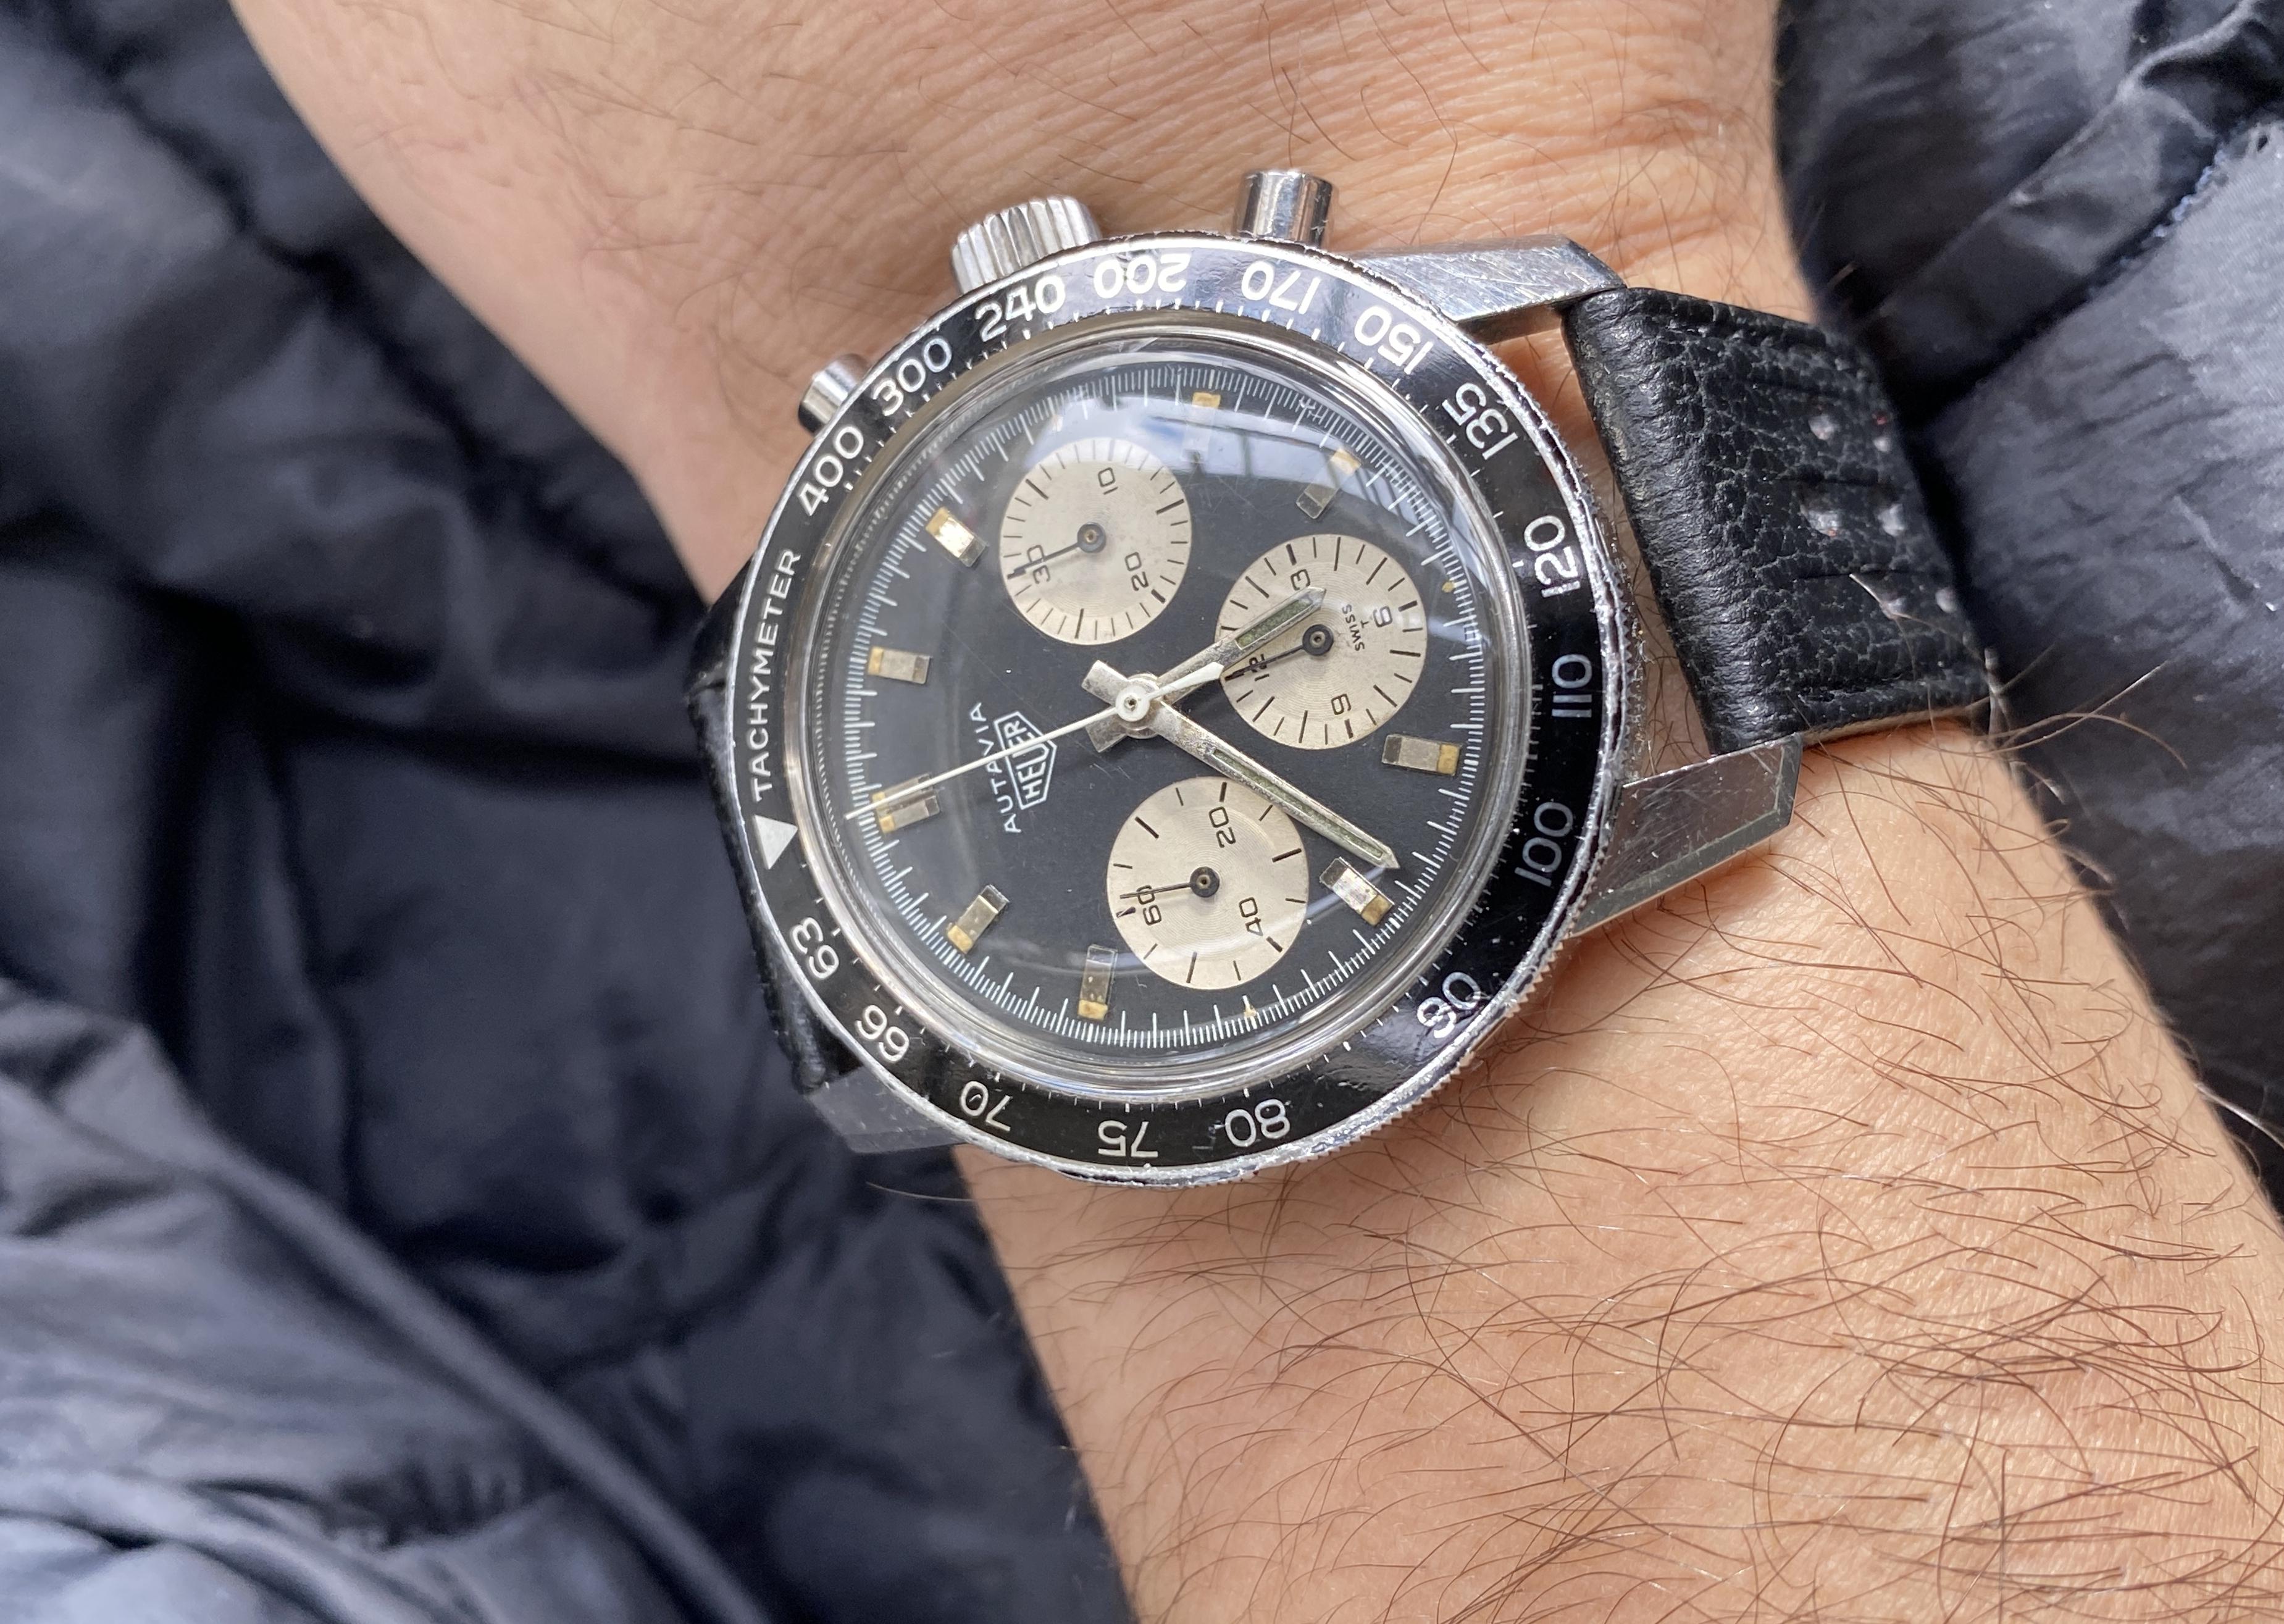 heuer chronograaf horloge kopen